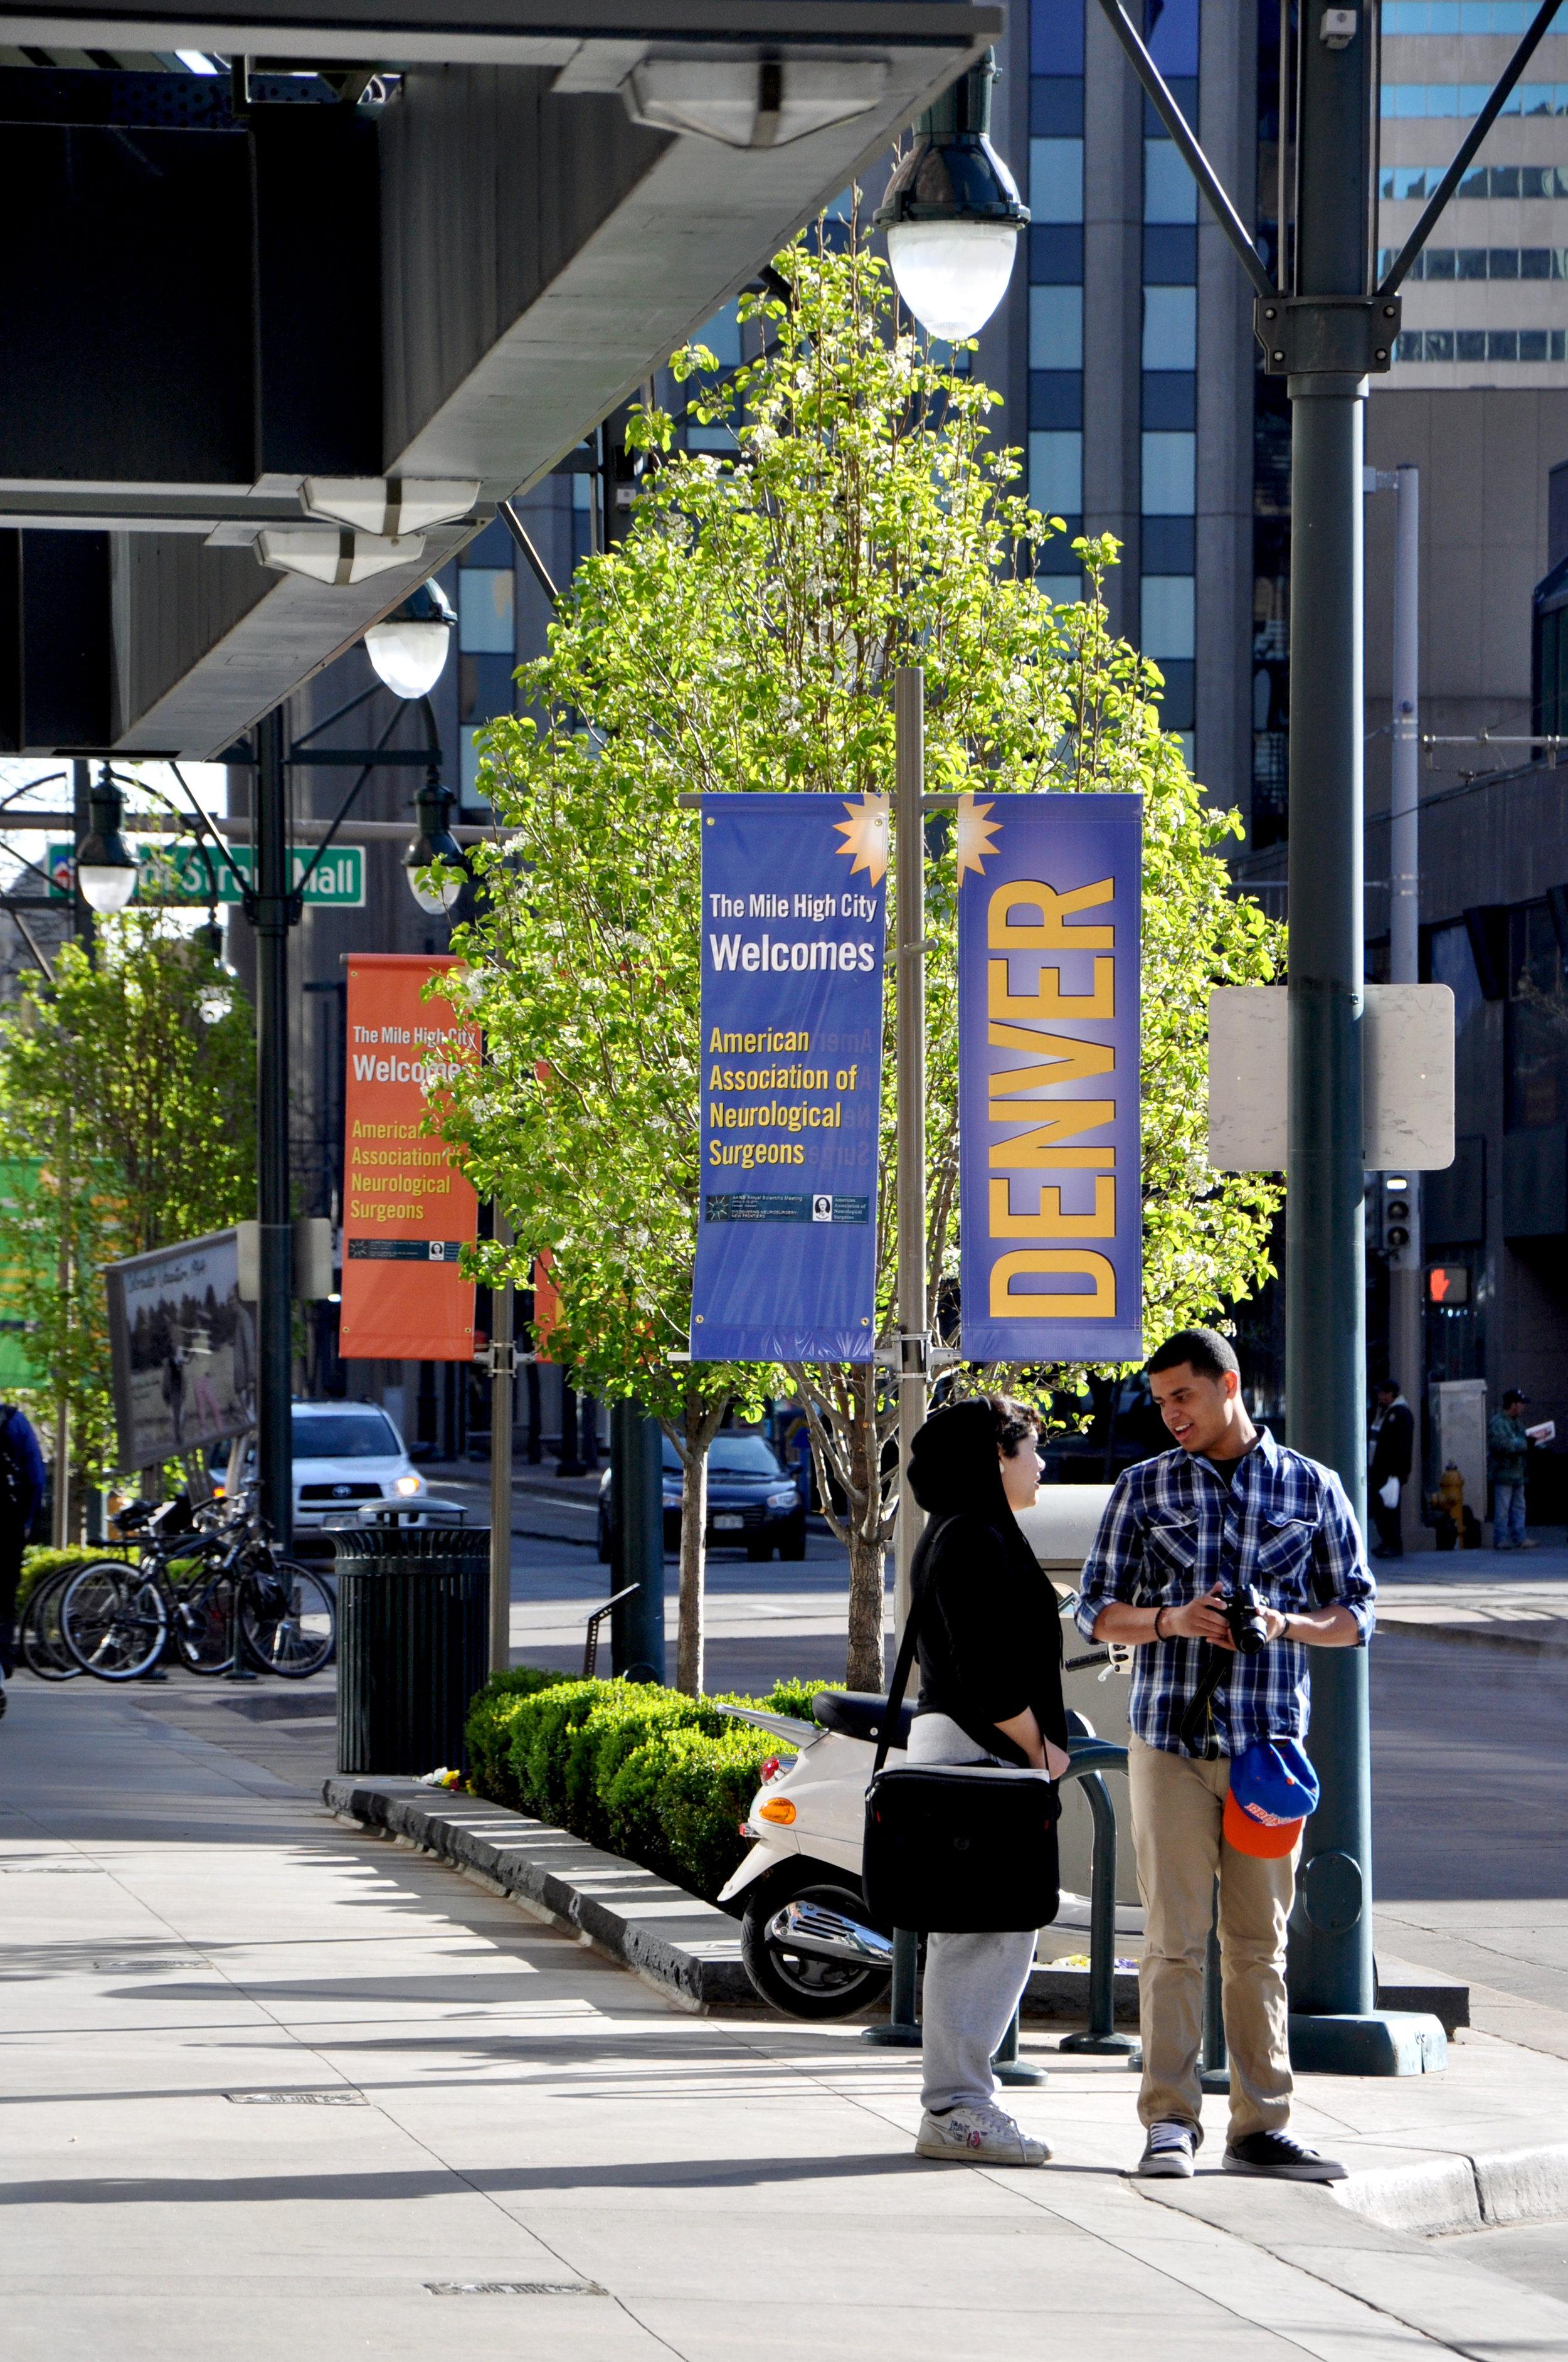 """<imgsrc="""" studioINSITE_Denver_Hyatt_Regency """"alt=  """"Denver_Hotel_Urban Design_ Landscape Architecture_Hyatt Regency_Denver_Hotel_Urban Center_Light Rail, Convention Center, Urban Design  """"  title=""""Hyatt Regency Denver""""/>"""